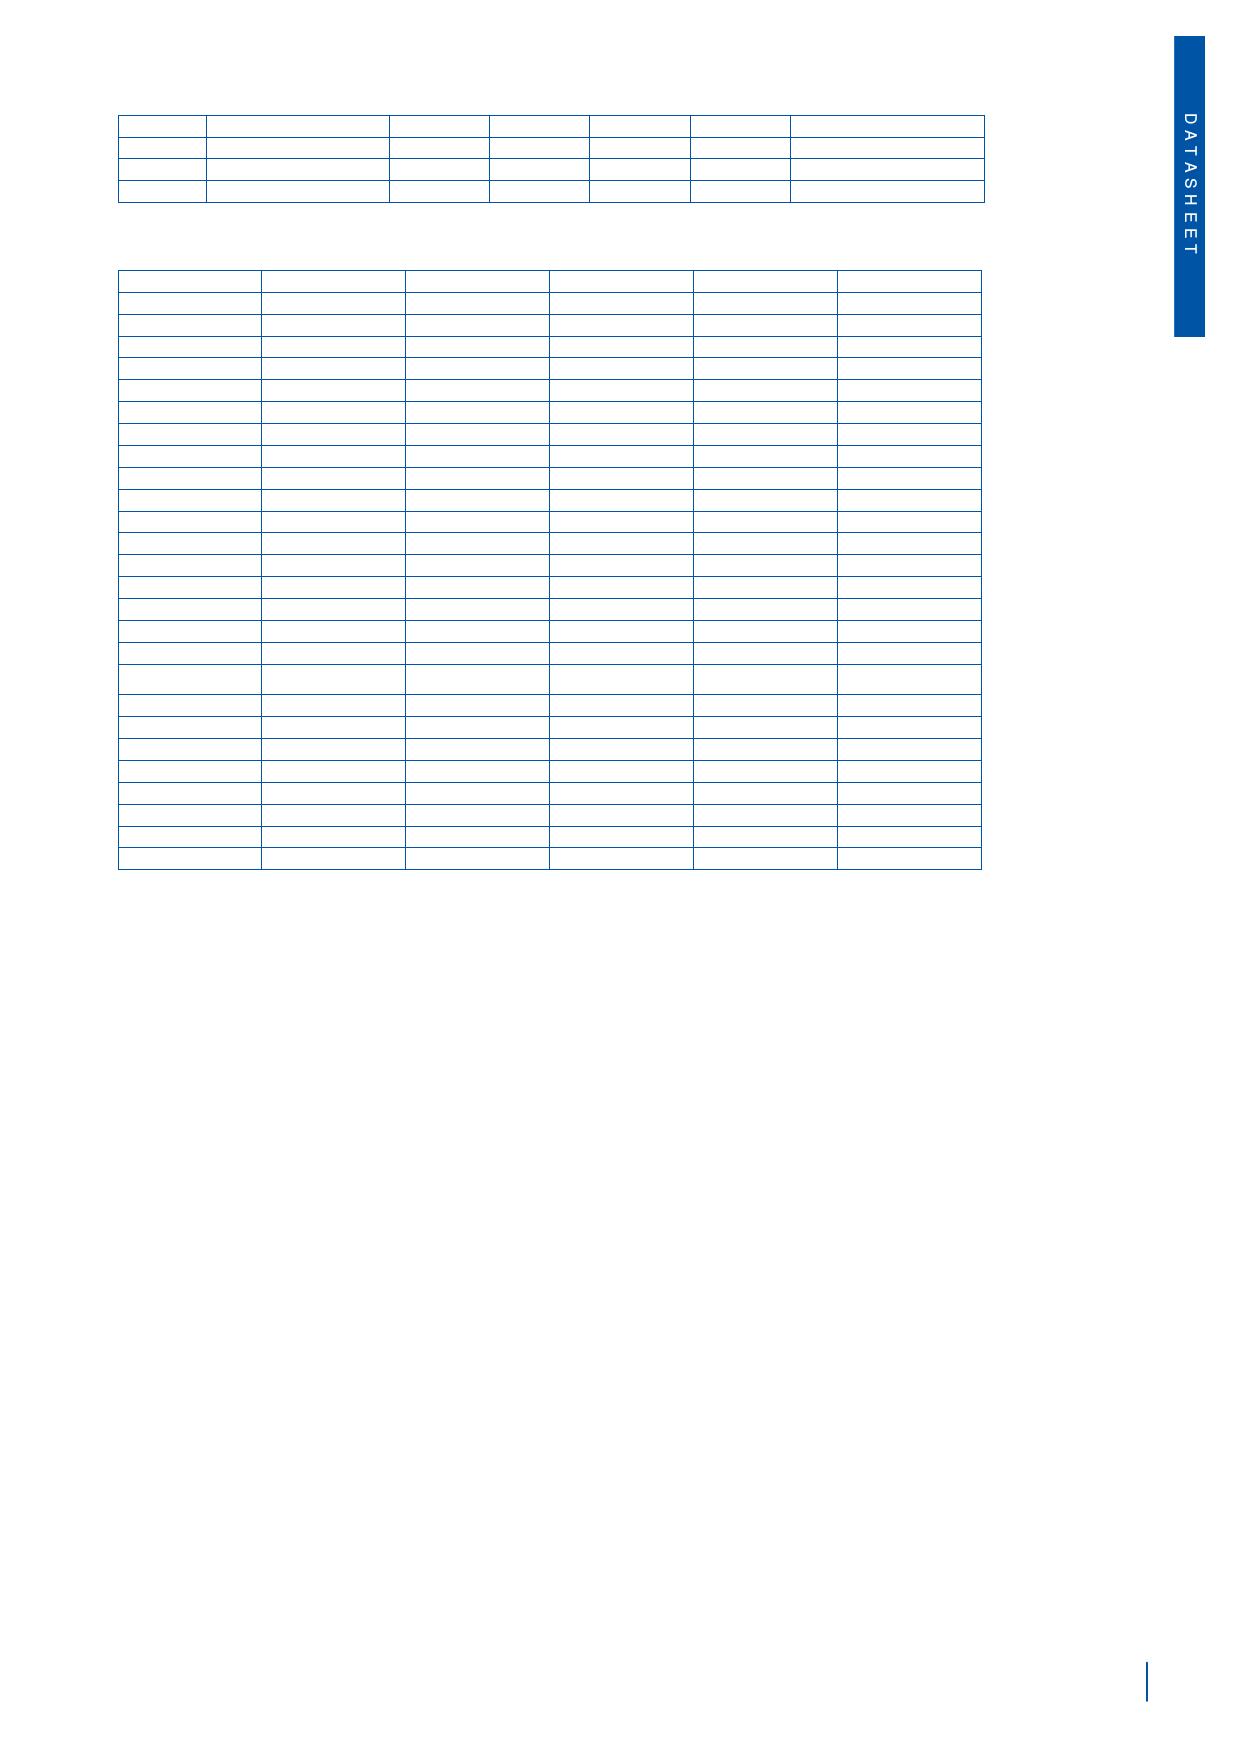 TPS3214 pdf